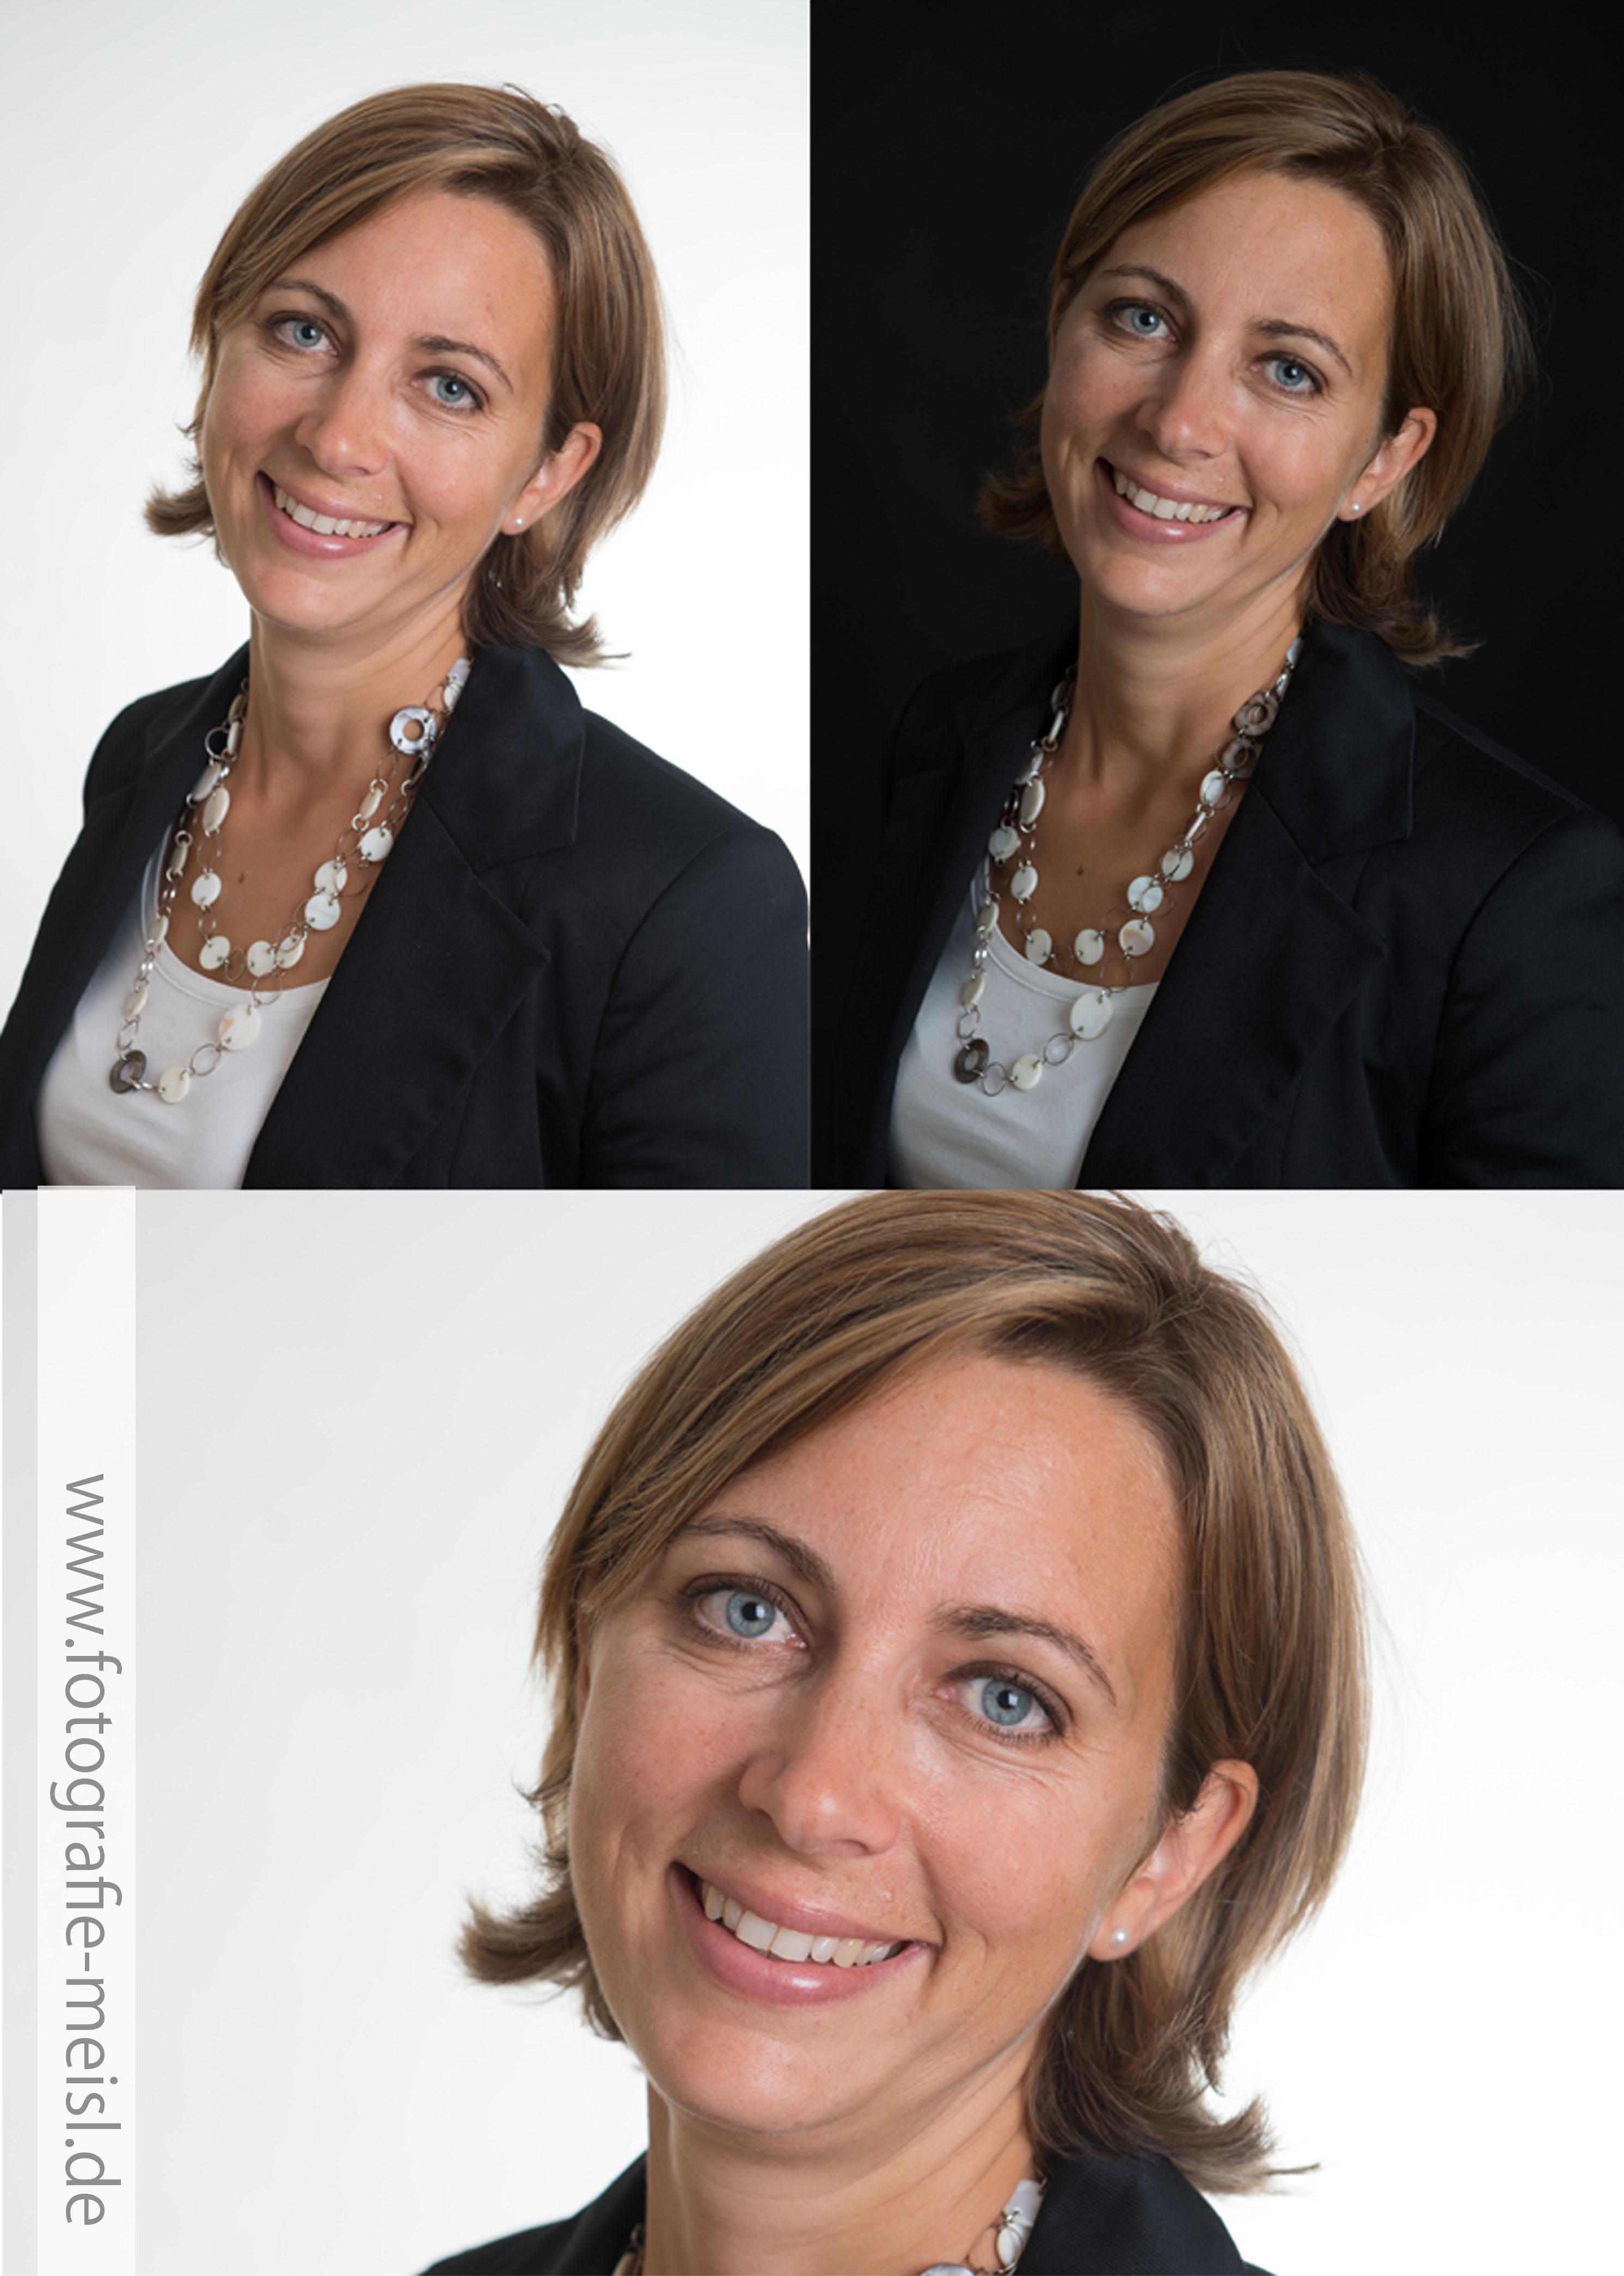 Bewerbungsfoto, Passbilder, Portrait